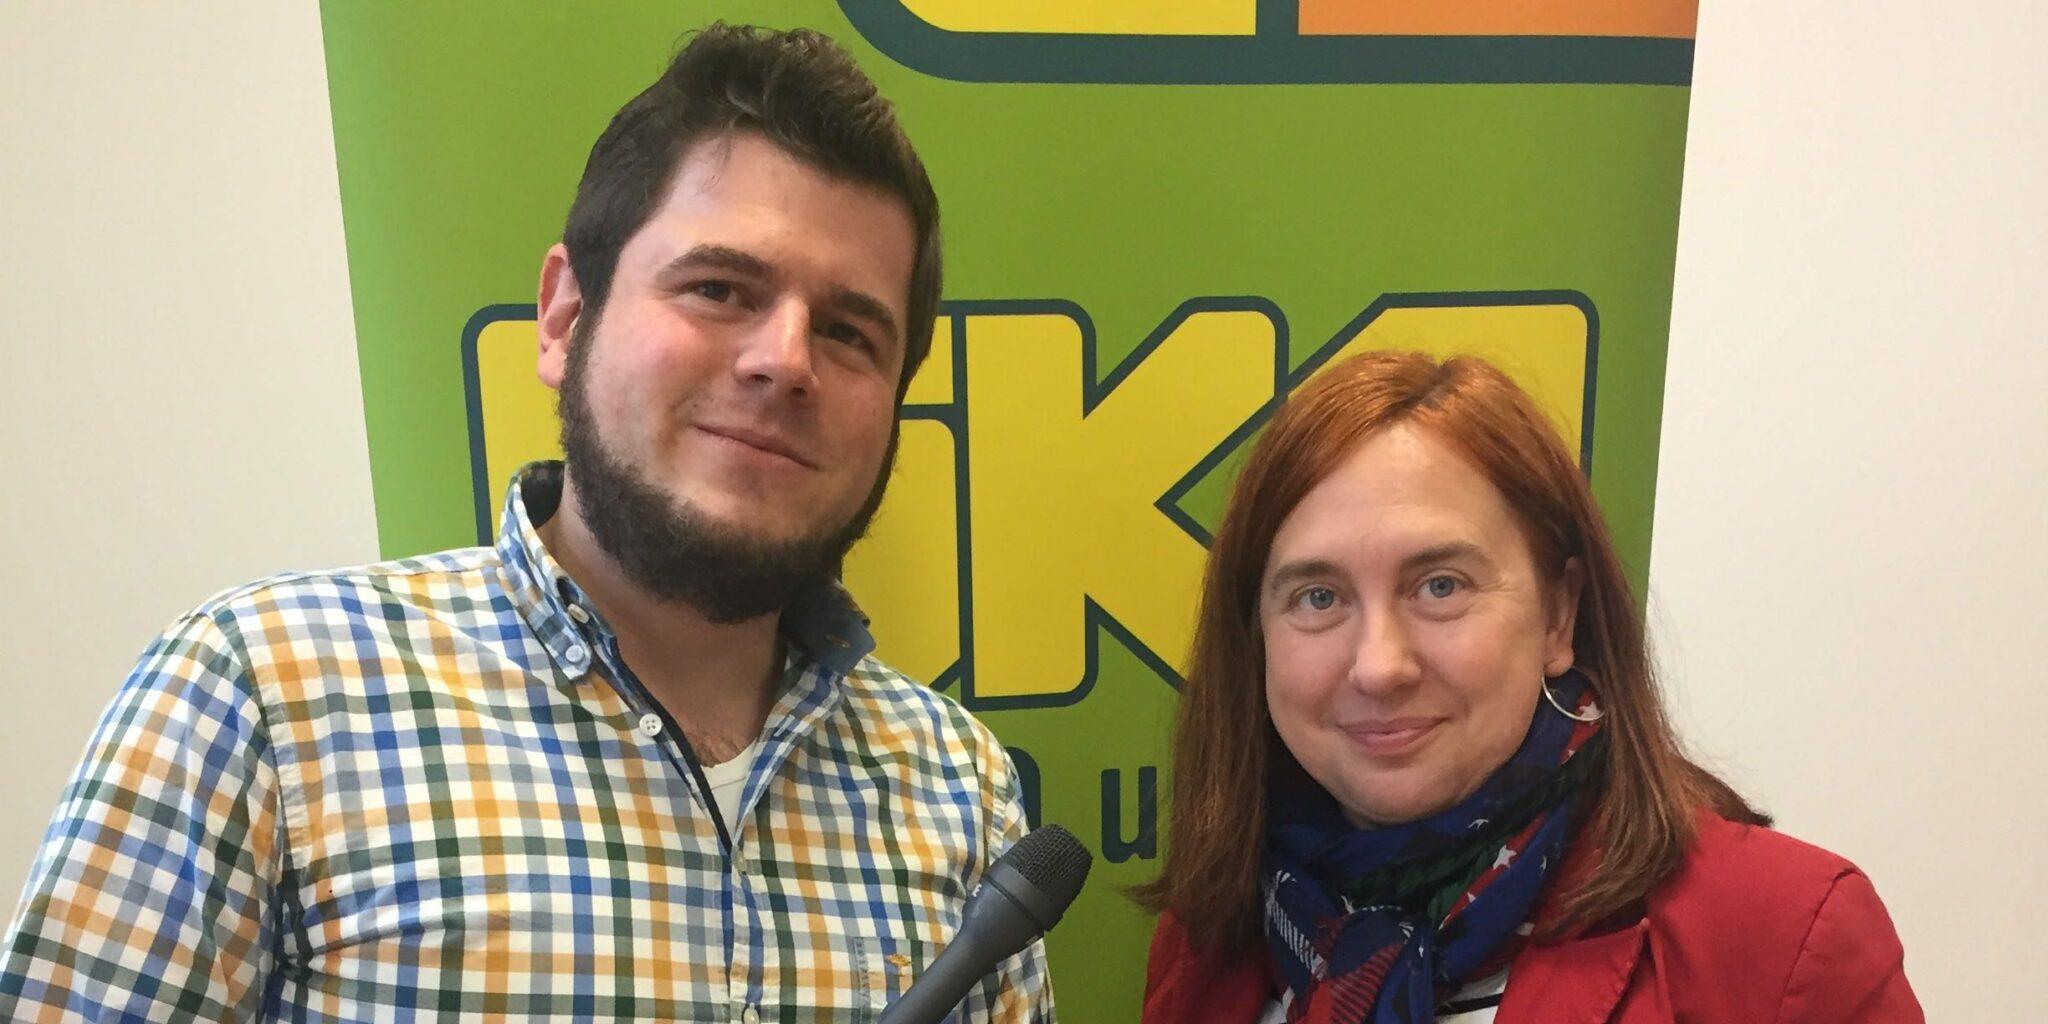 Astrid Plenk im Gespräch mit Max Trummer bei der EduCouch